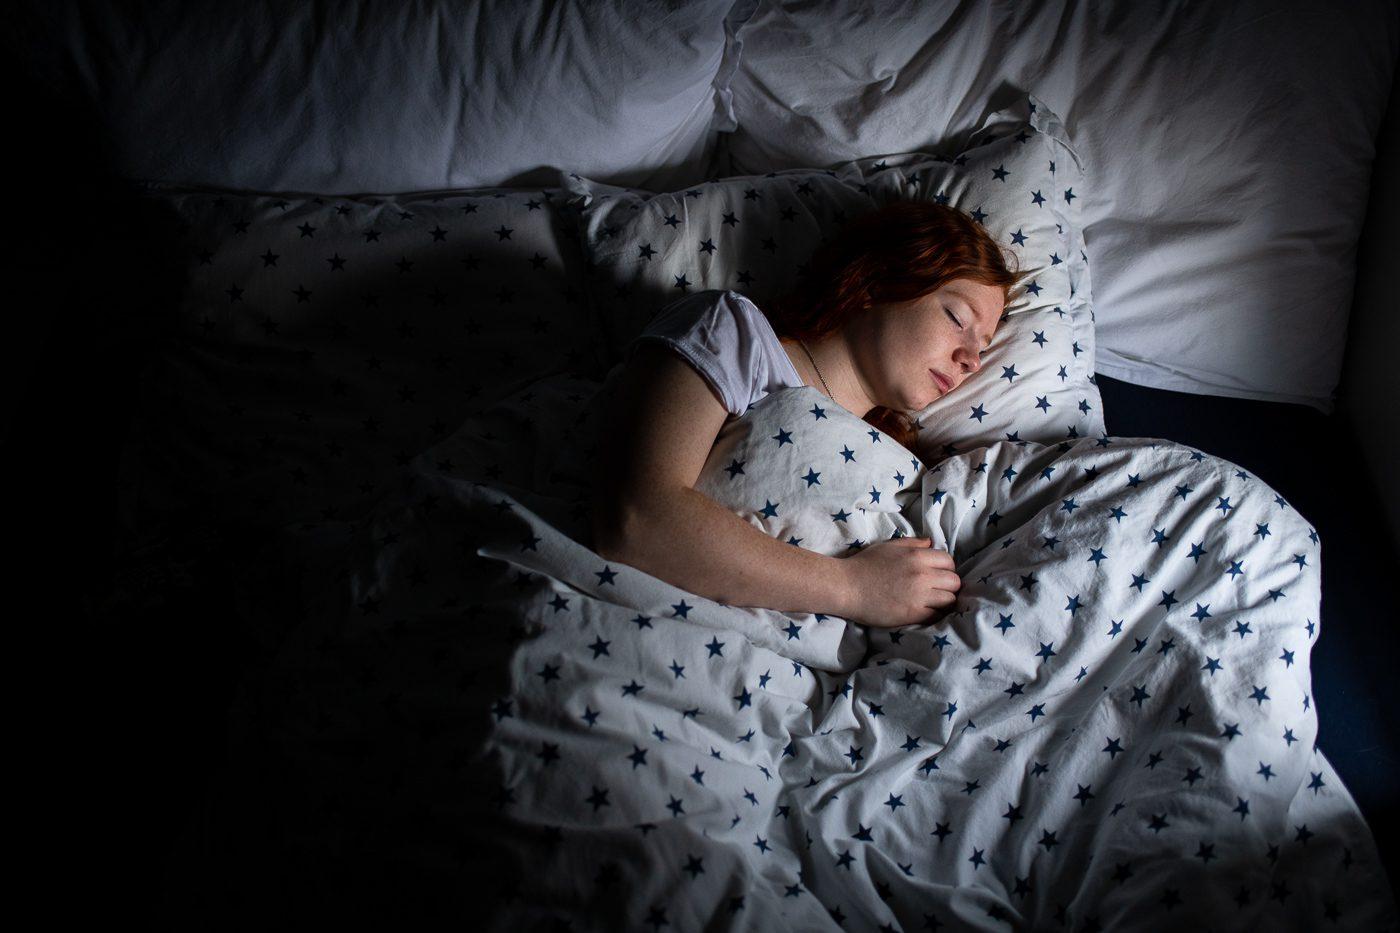 Søvnklinikken. Jente som sover etter behandling av søvnproblemer.